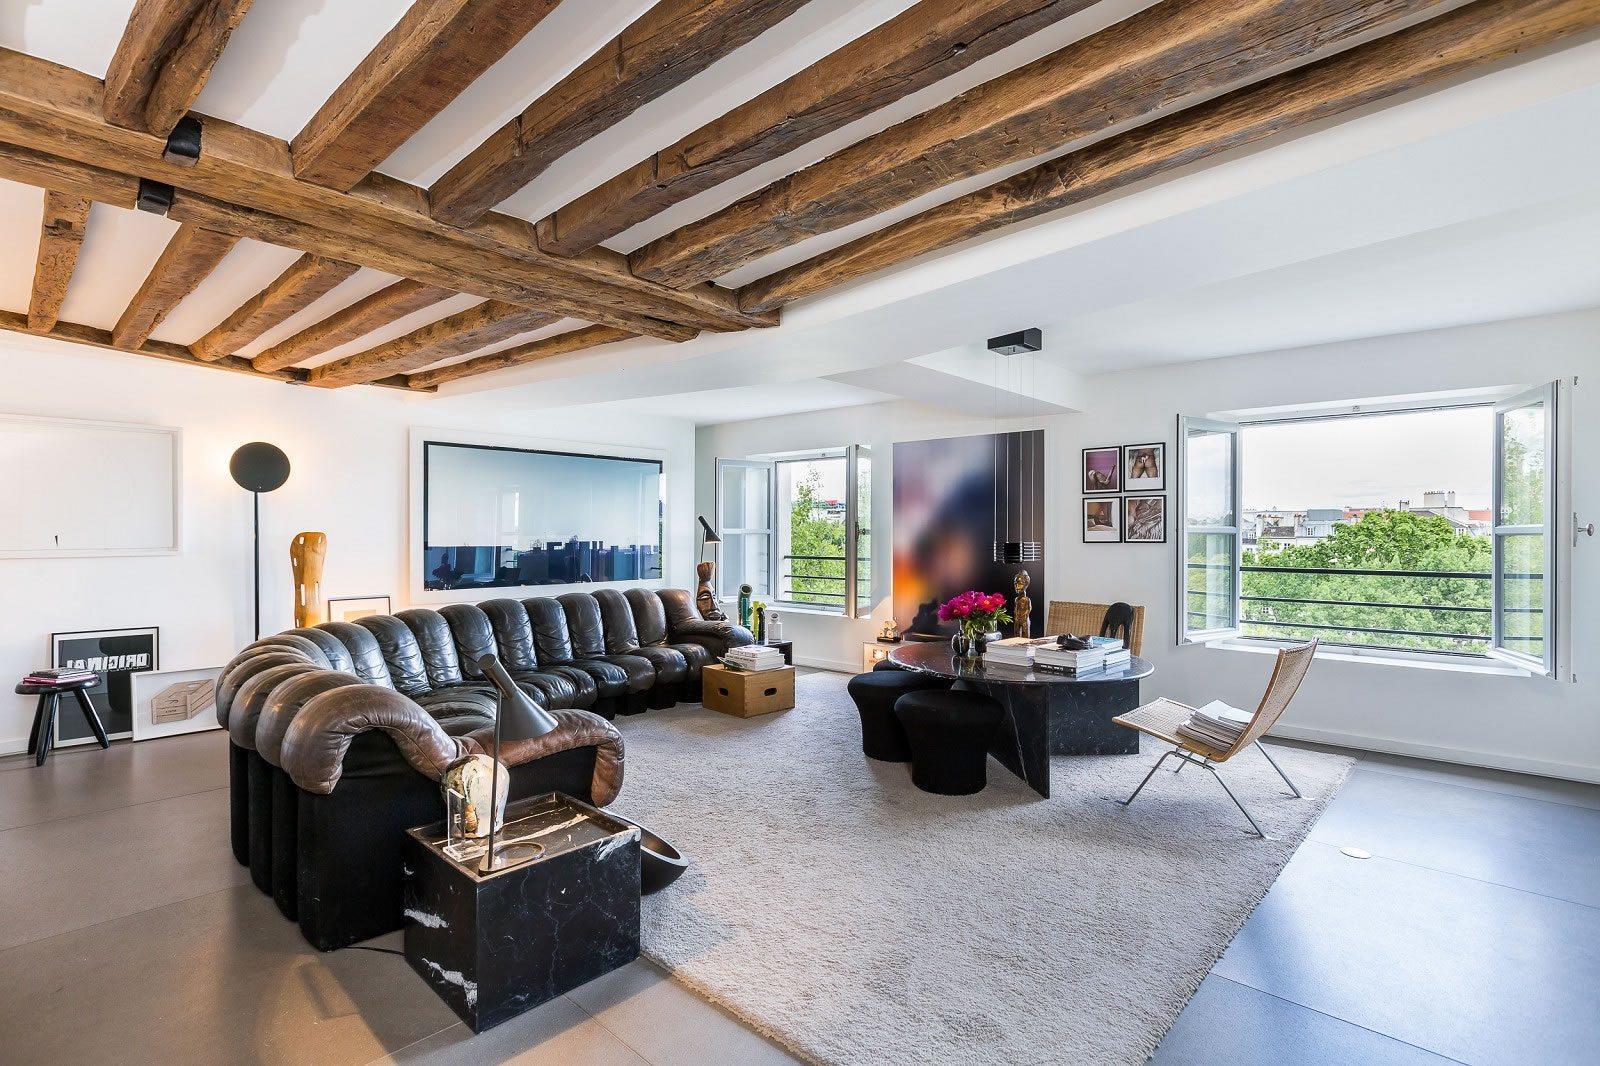 appartement exceptionnel de 3 chambres vendre sur l 39 avenue henri martin dans le 16 me. Black Bedroom Furniture Sets. Home Design Ideas